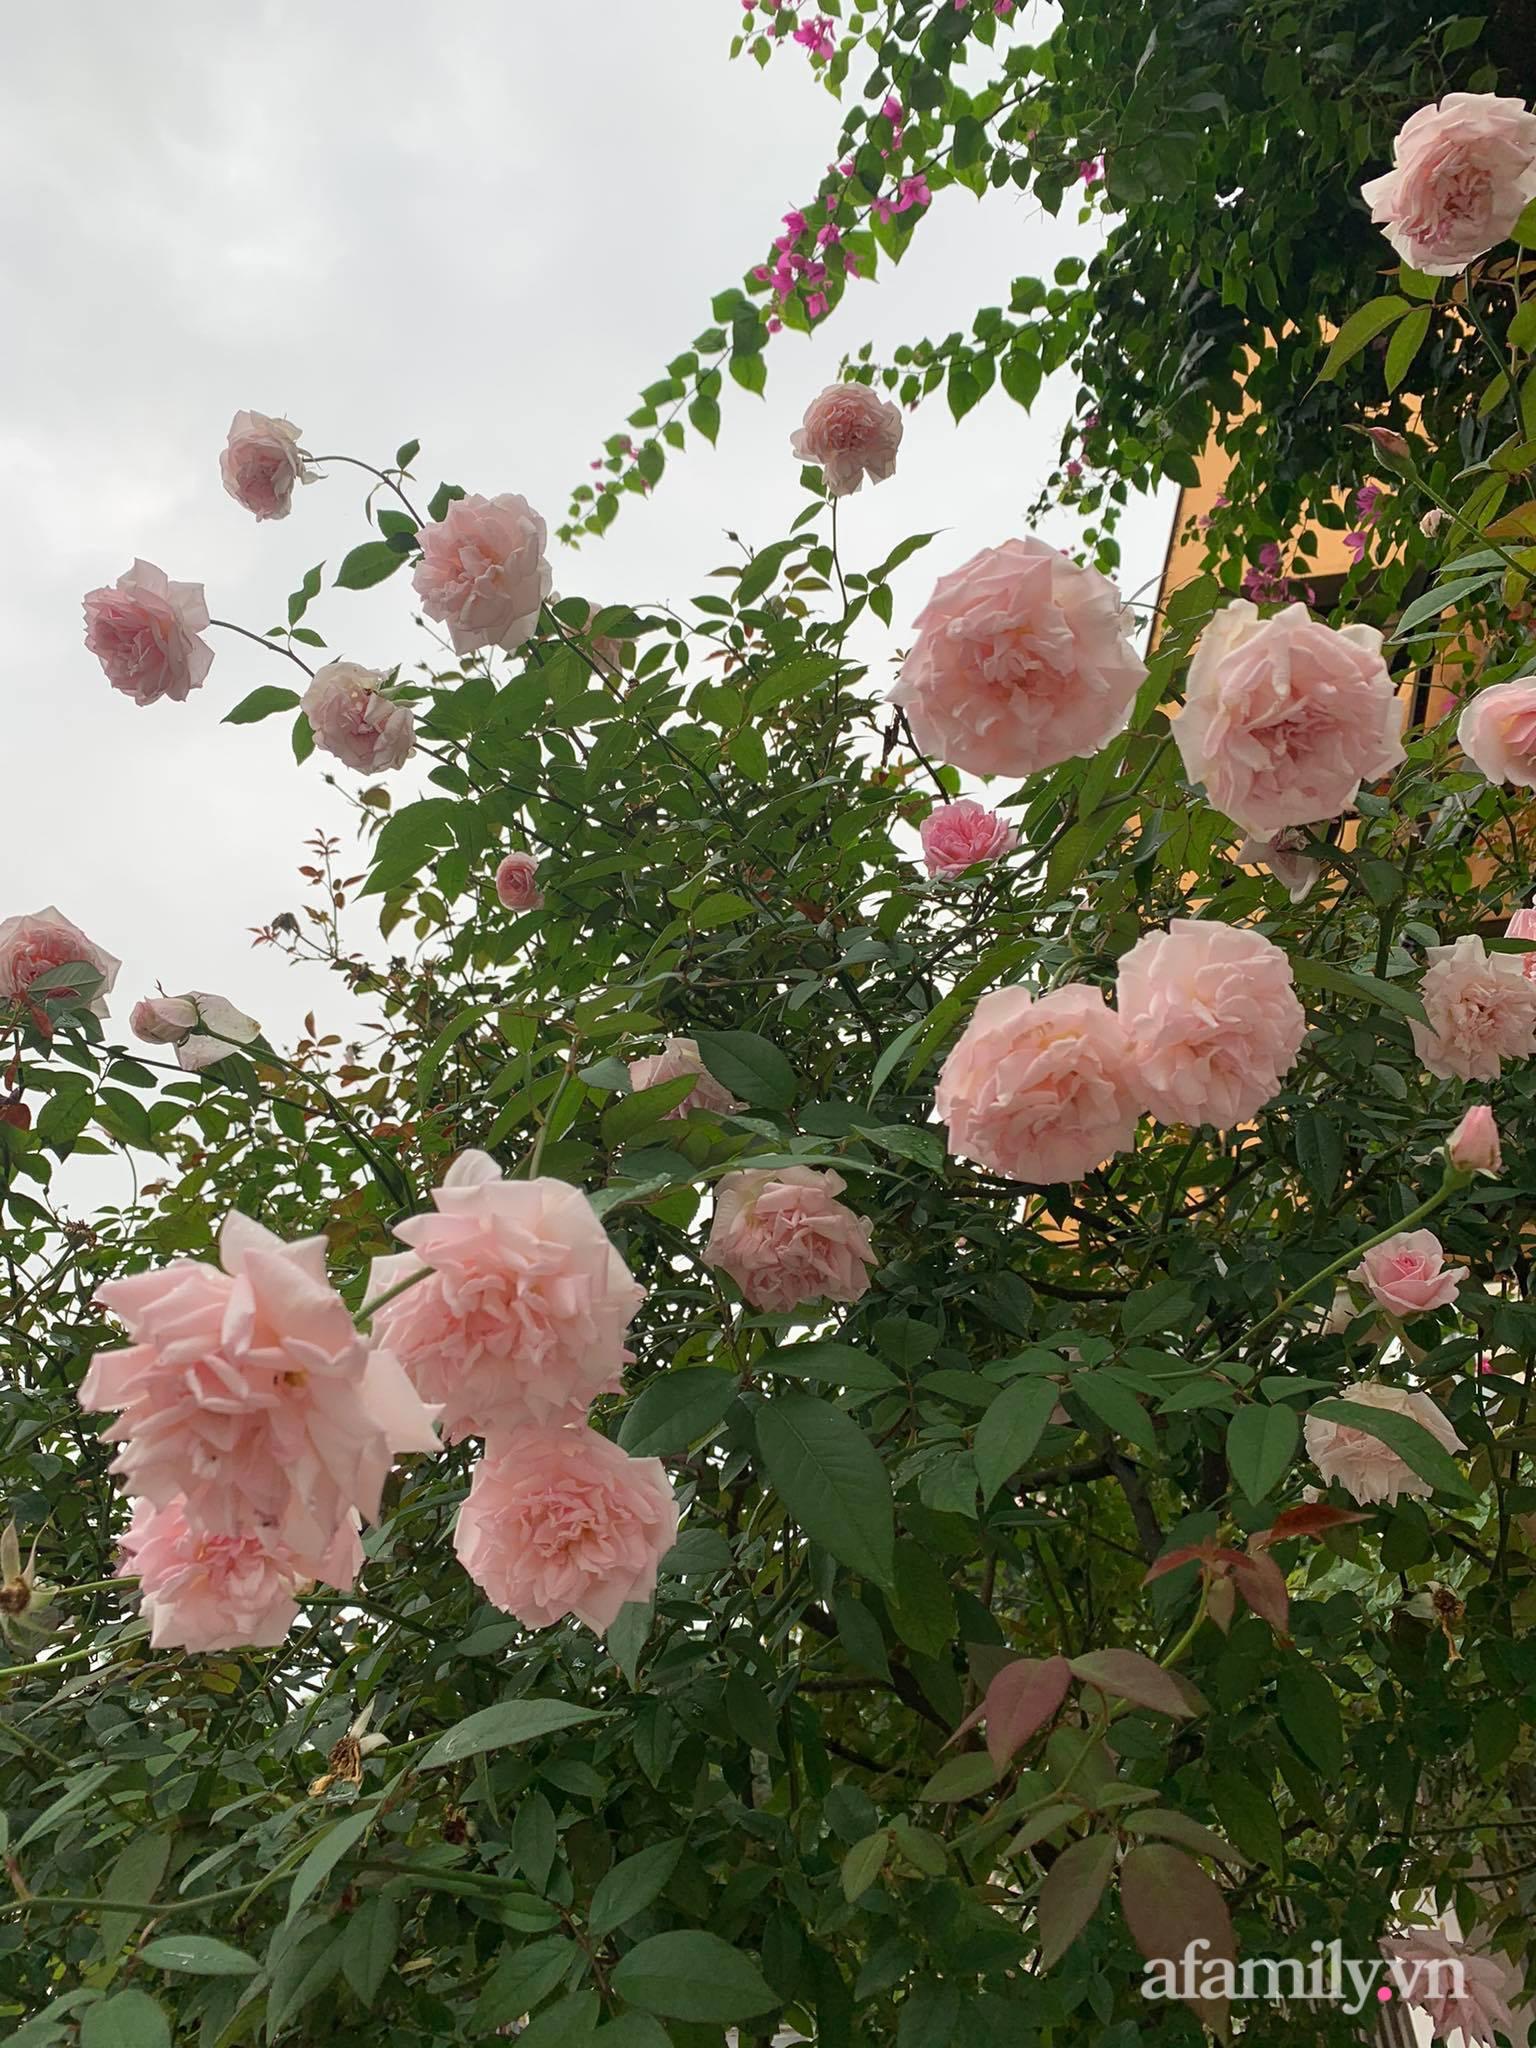 Ngôi nhà quanh năm rực rỡ sắc hương hoa hồng và đủ loại cây ăn quả ở Hà Nội - Ảnh 8.